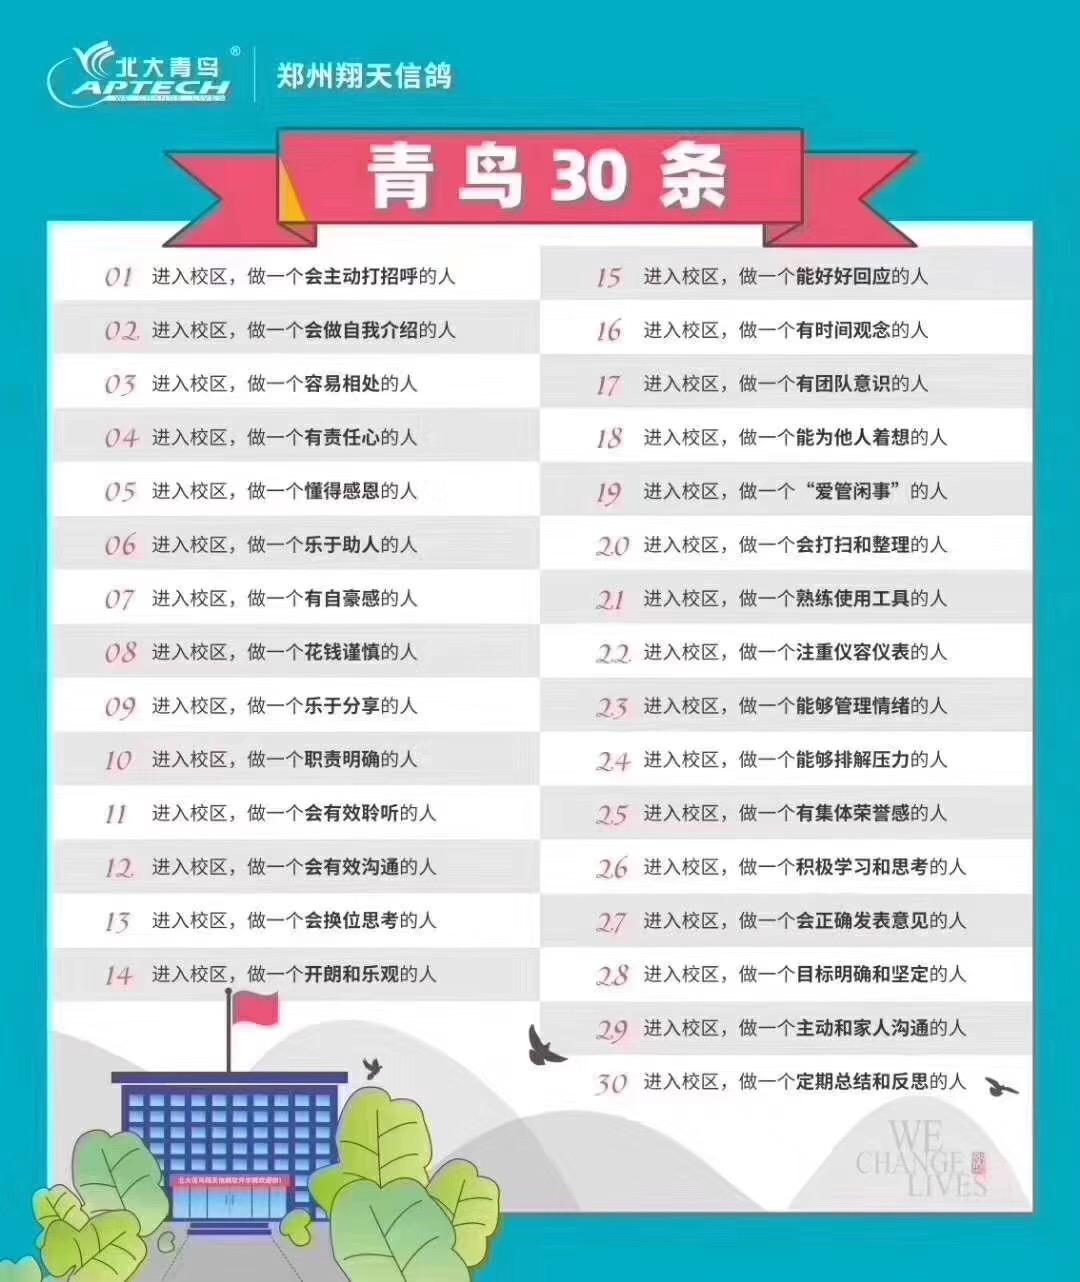 郑州北大青鸟翔天信鸽校区一家专注河南职业IT教育14年的学校